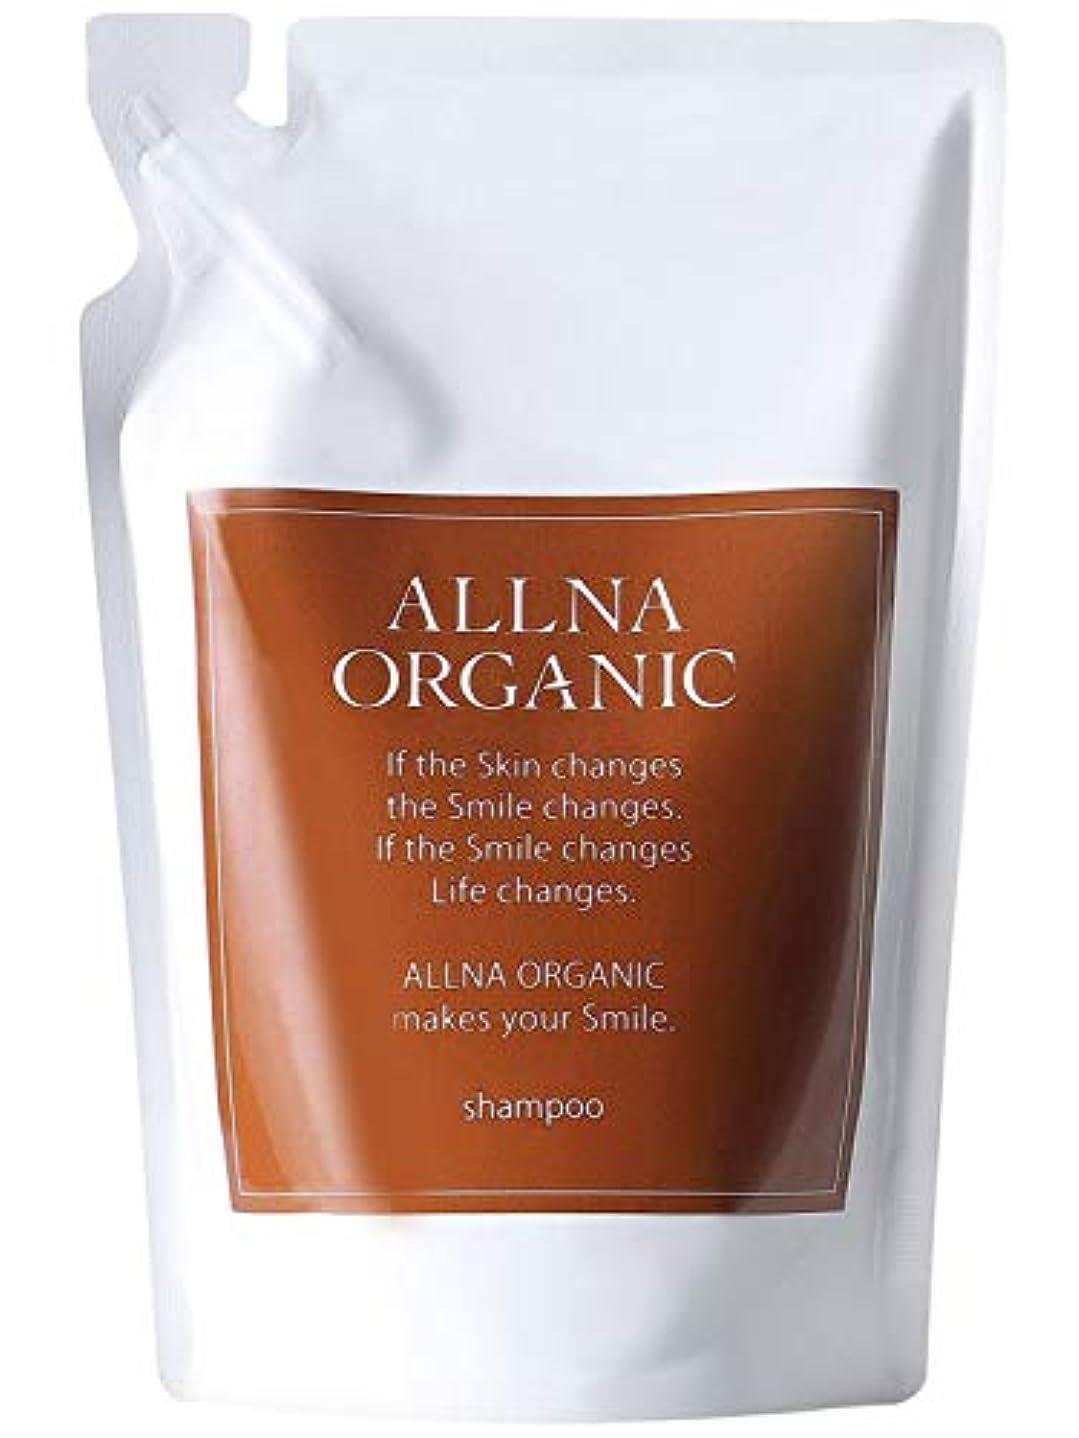 みがきます異なる修復【 シャンプー 詰め替え 】 オルナ オーガニック アミノ酸シャンプー 無添加 ノンシリコン 合成香料不使用でボタニカルな香り「コラーゲン ヒアルロン酸 ビタミンC誘導体 セラミド 配合」400ml